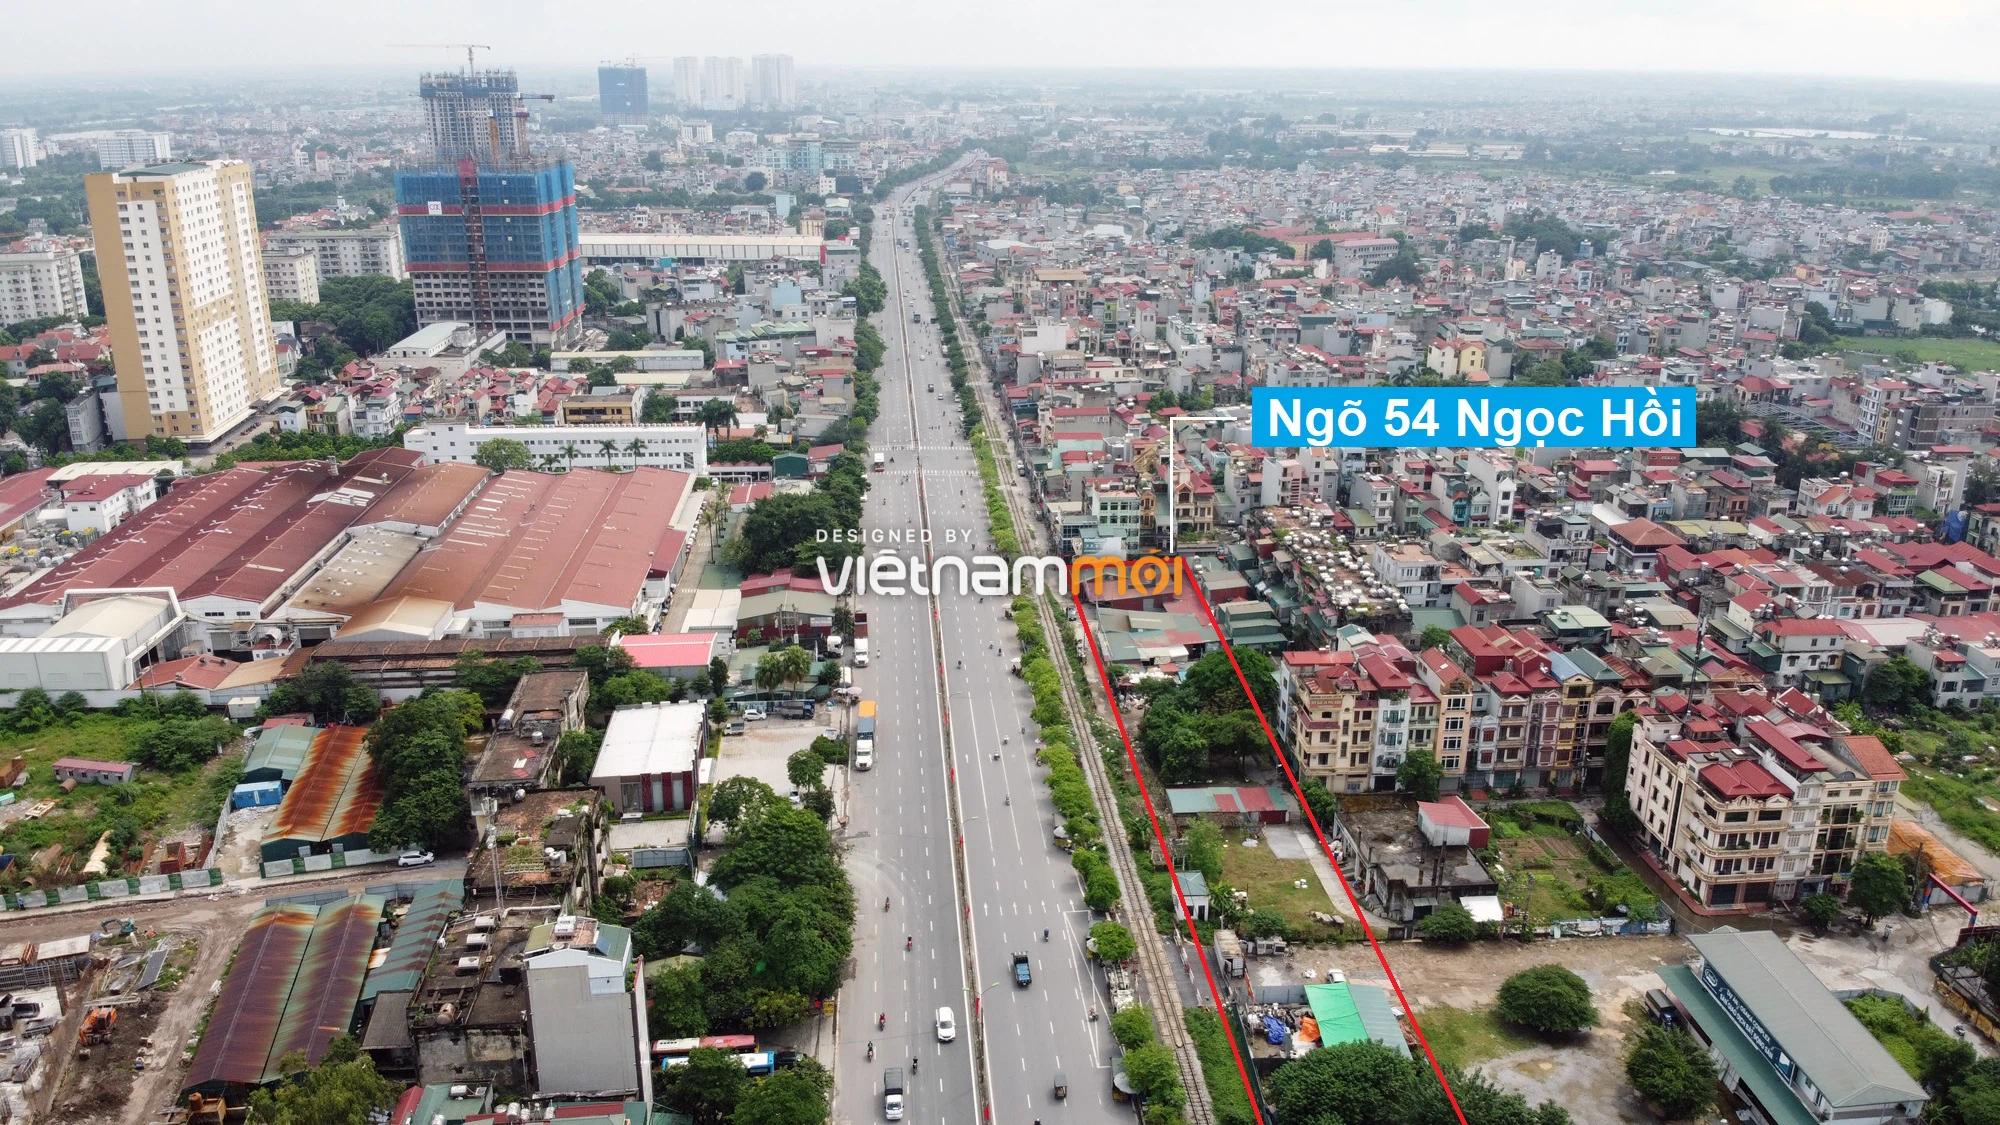 Những khu đất sắp thu hồi để mở đường ở quận Hoàng Mai, Hà Nội (phần 2) - Ảnh 9.